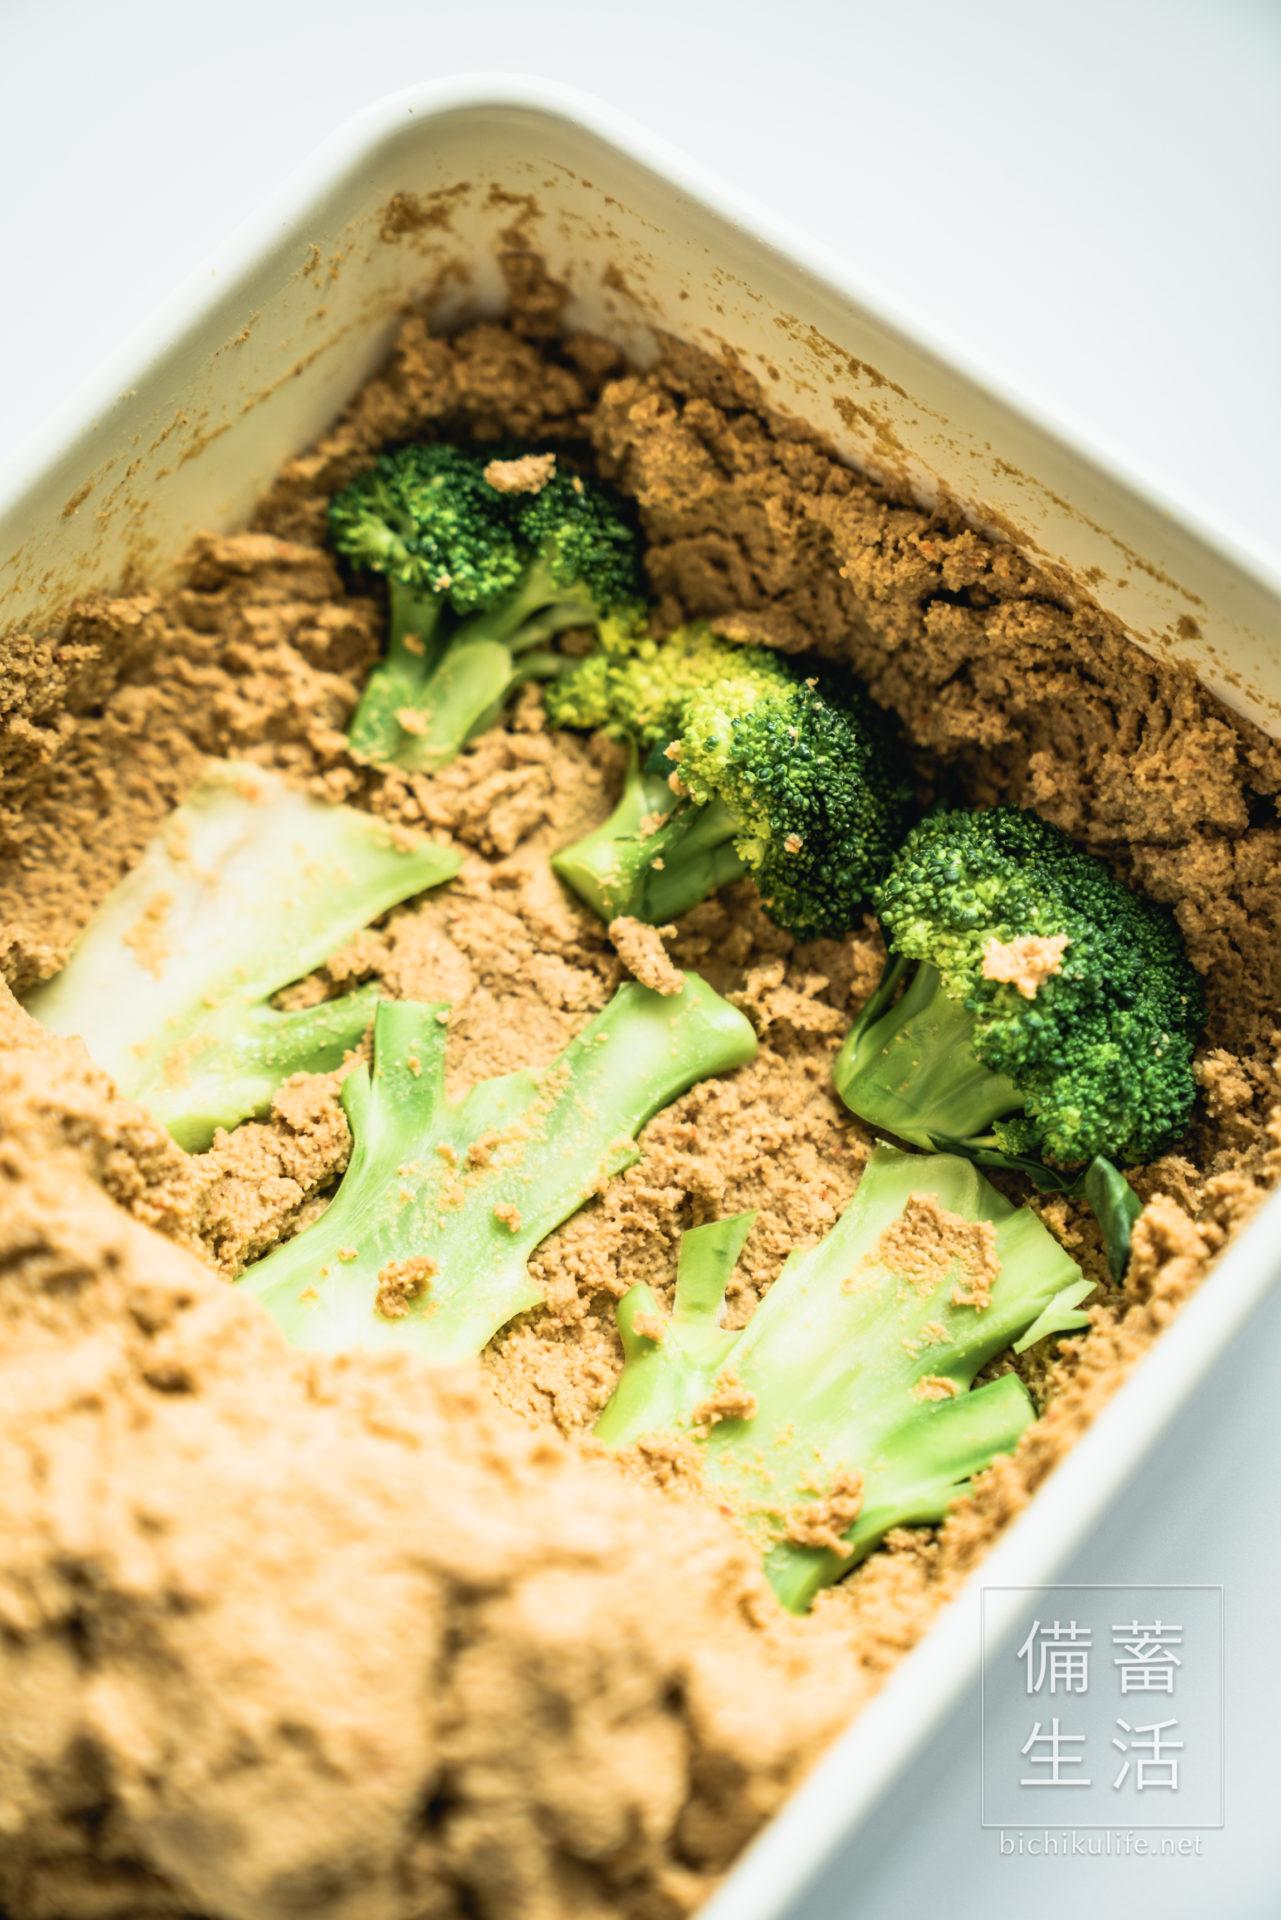 ブロッコリーのぬか漬けの作り方とコツ